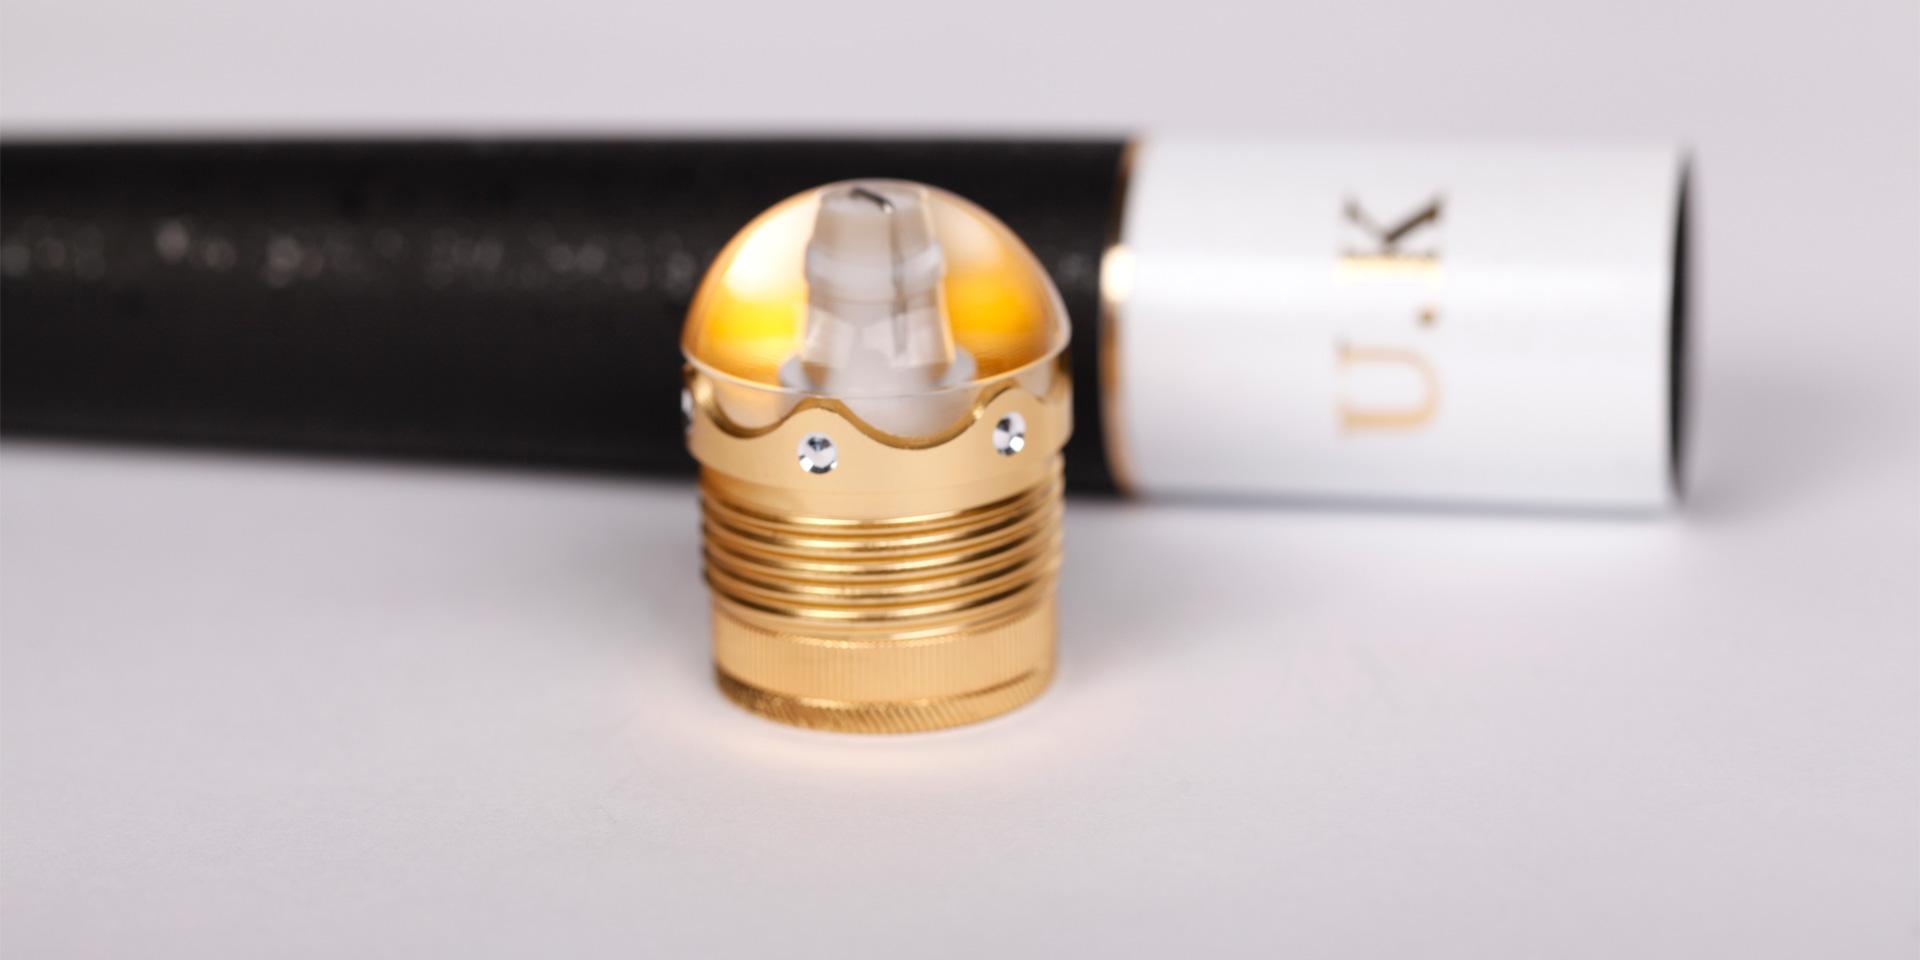 合金嵌钻水晶后堵可360°旋转隐藏失手环,并装配可卸式纯金属配重件可随心所欲调节重心